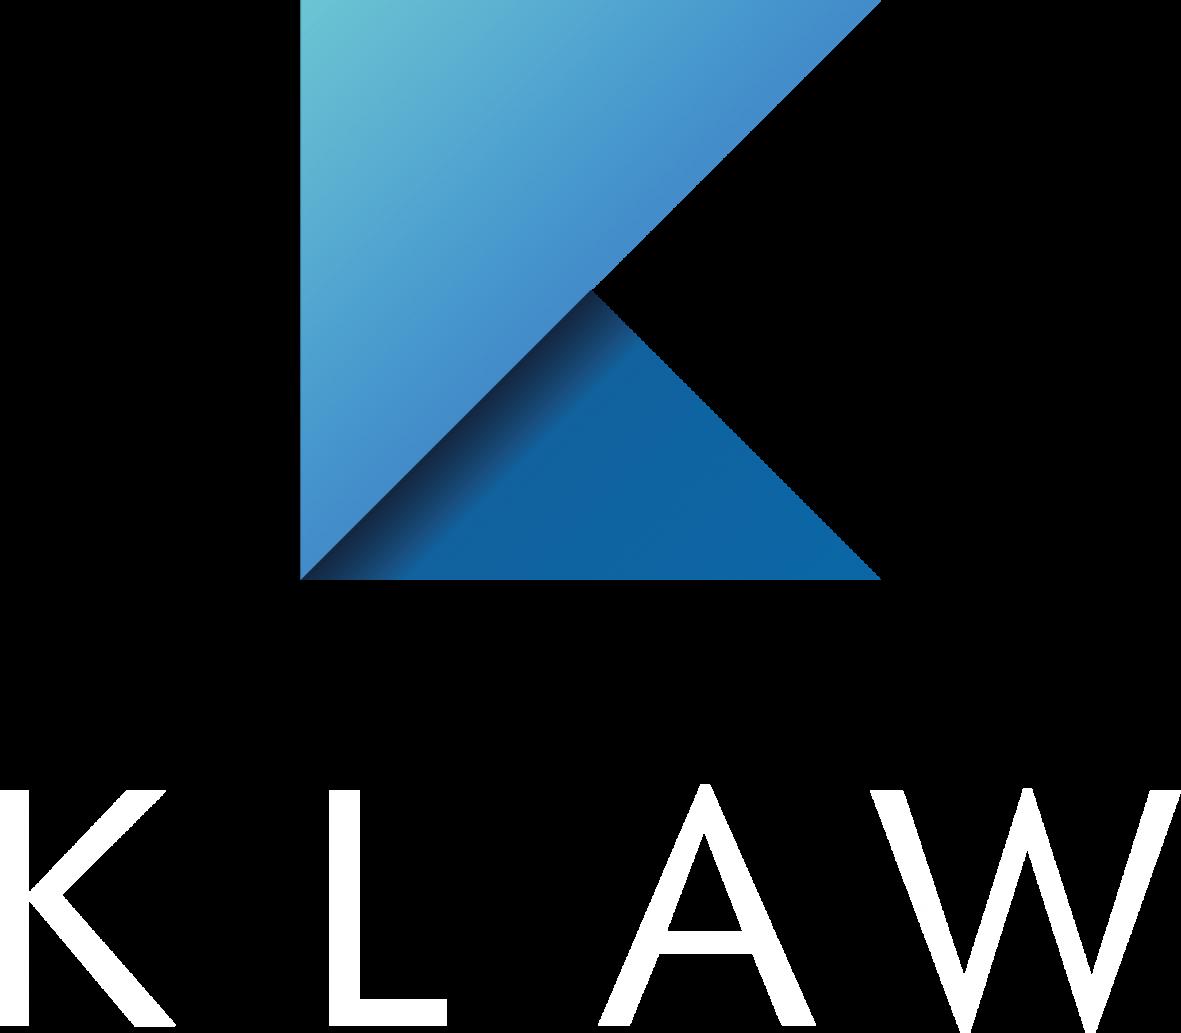 KLAW - Kovács Krisztián Jogász oldala